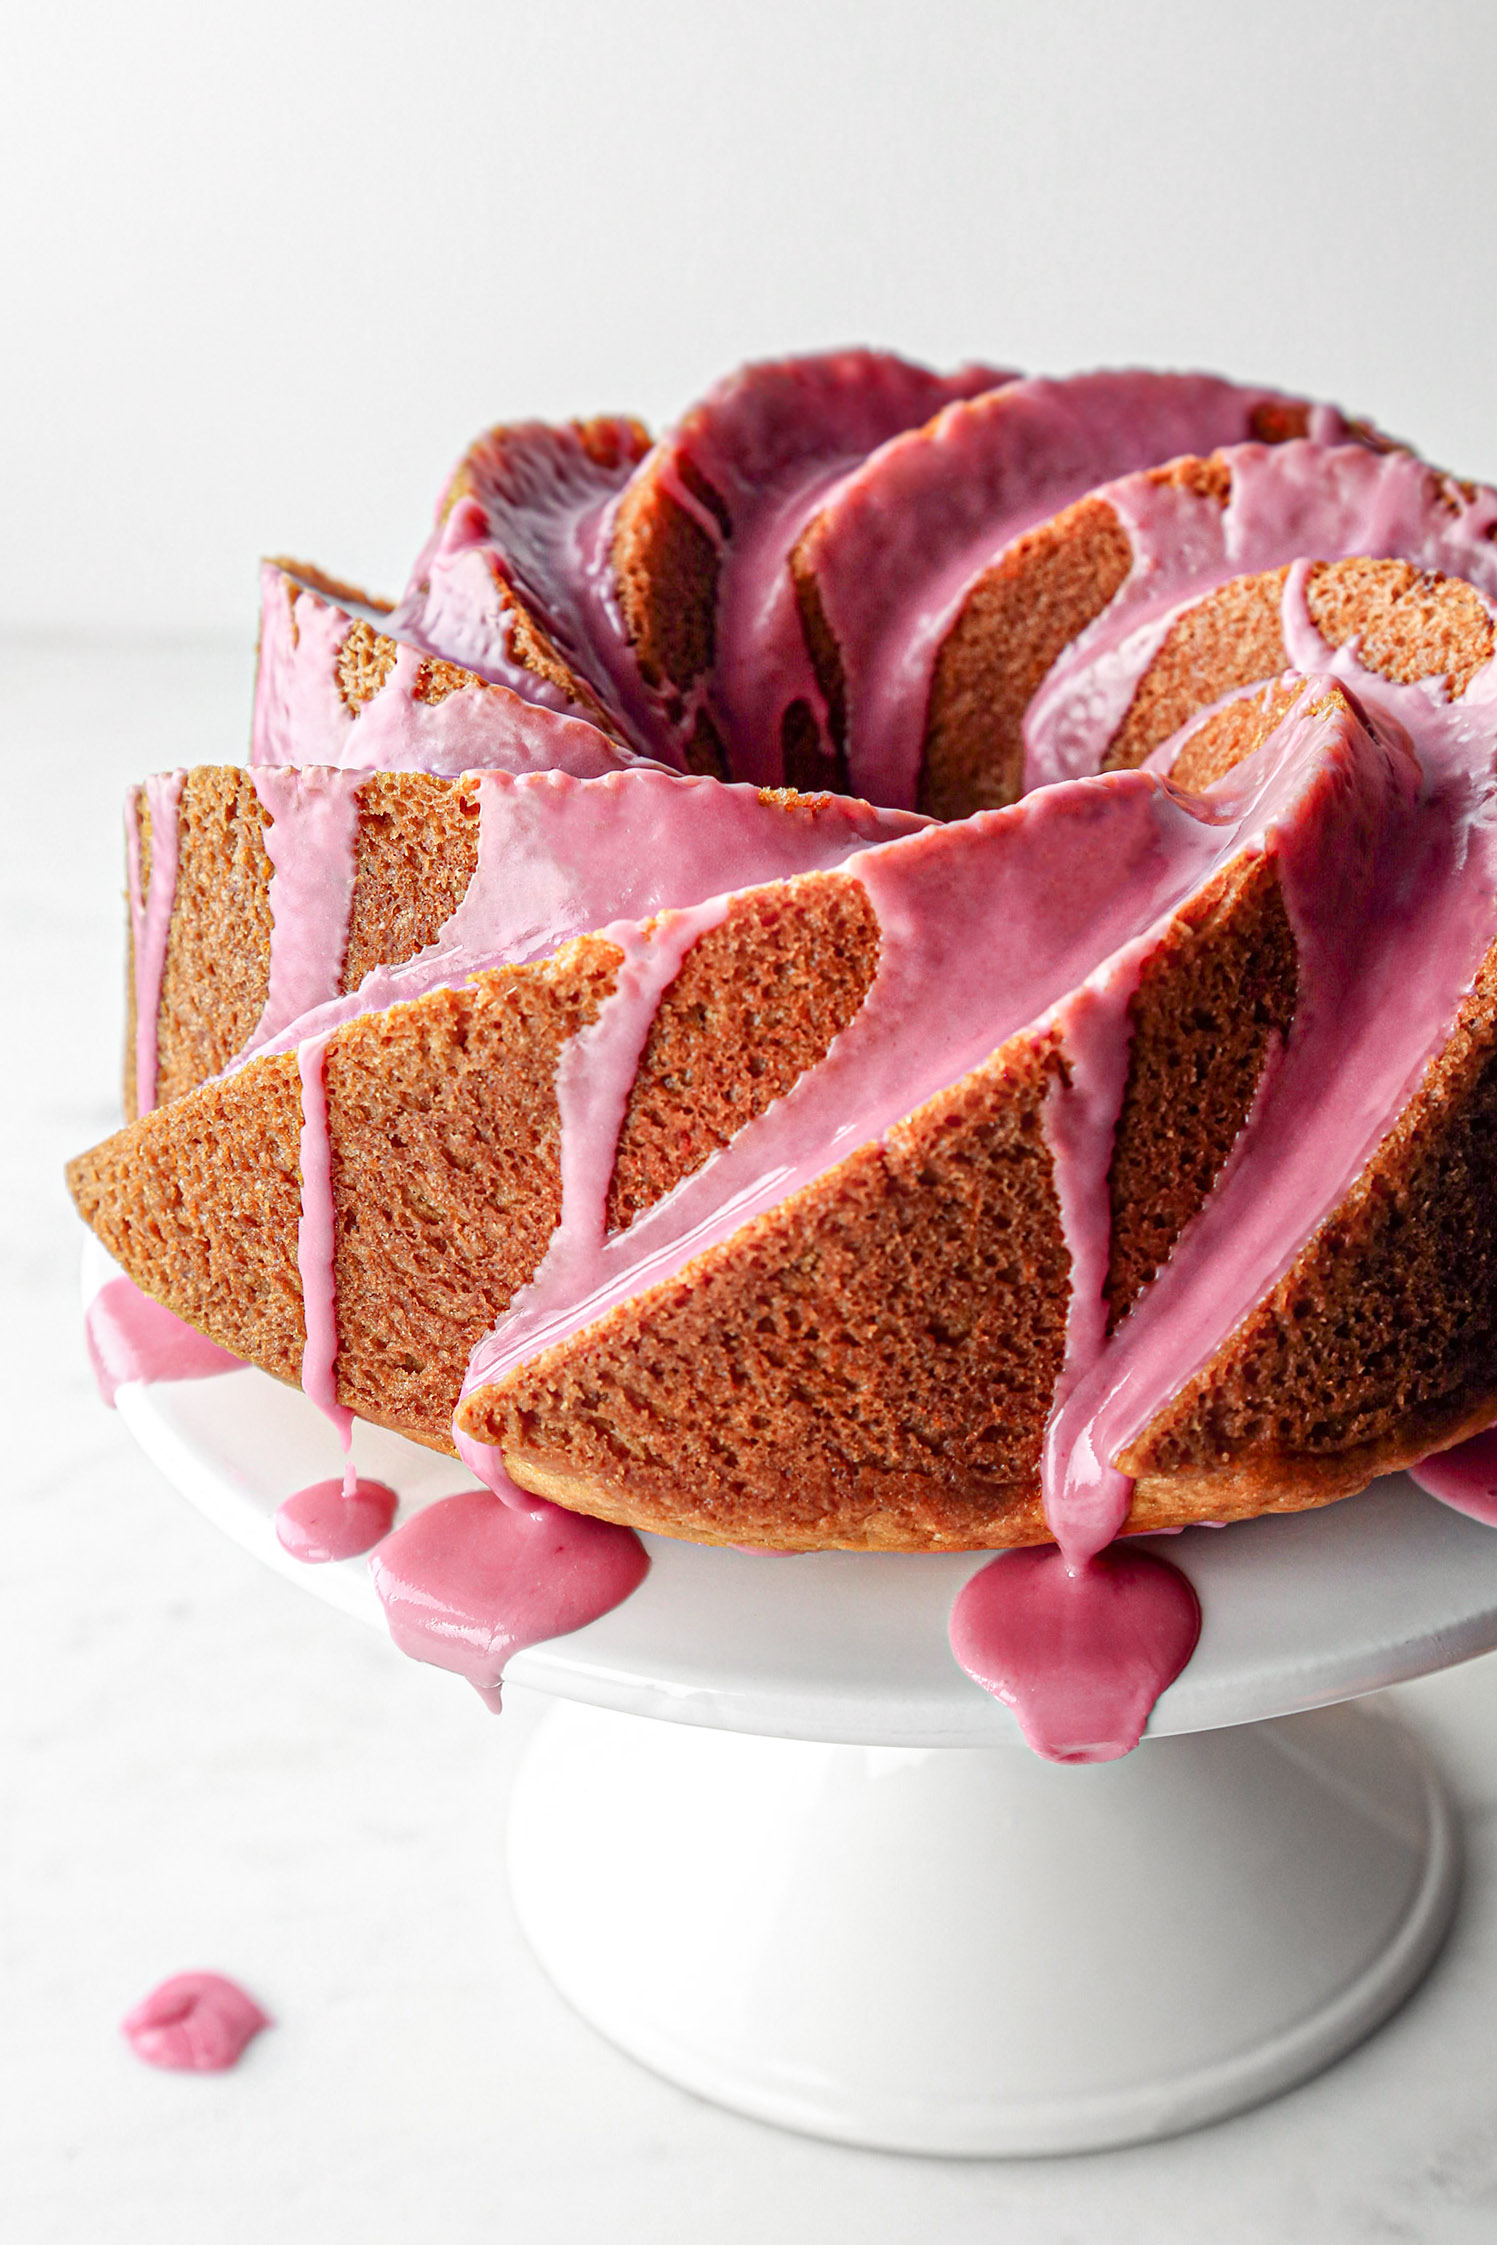 Blood Orange Bundt Cake   Vegan Friendly with Gluten Free Option.